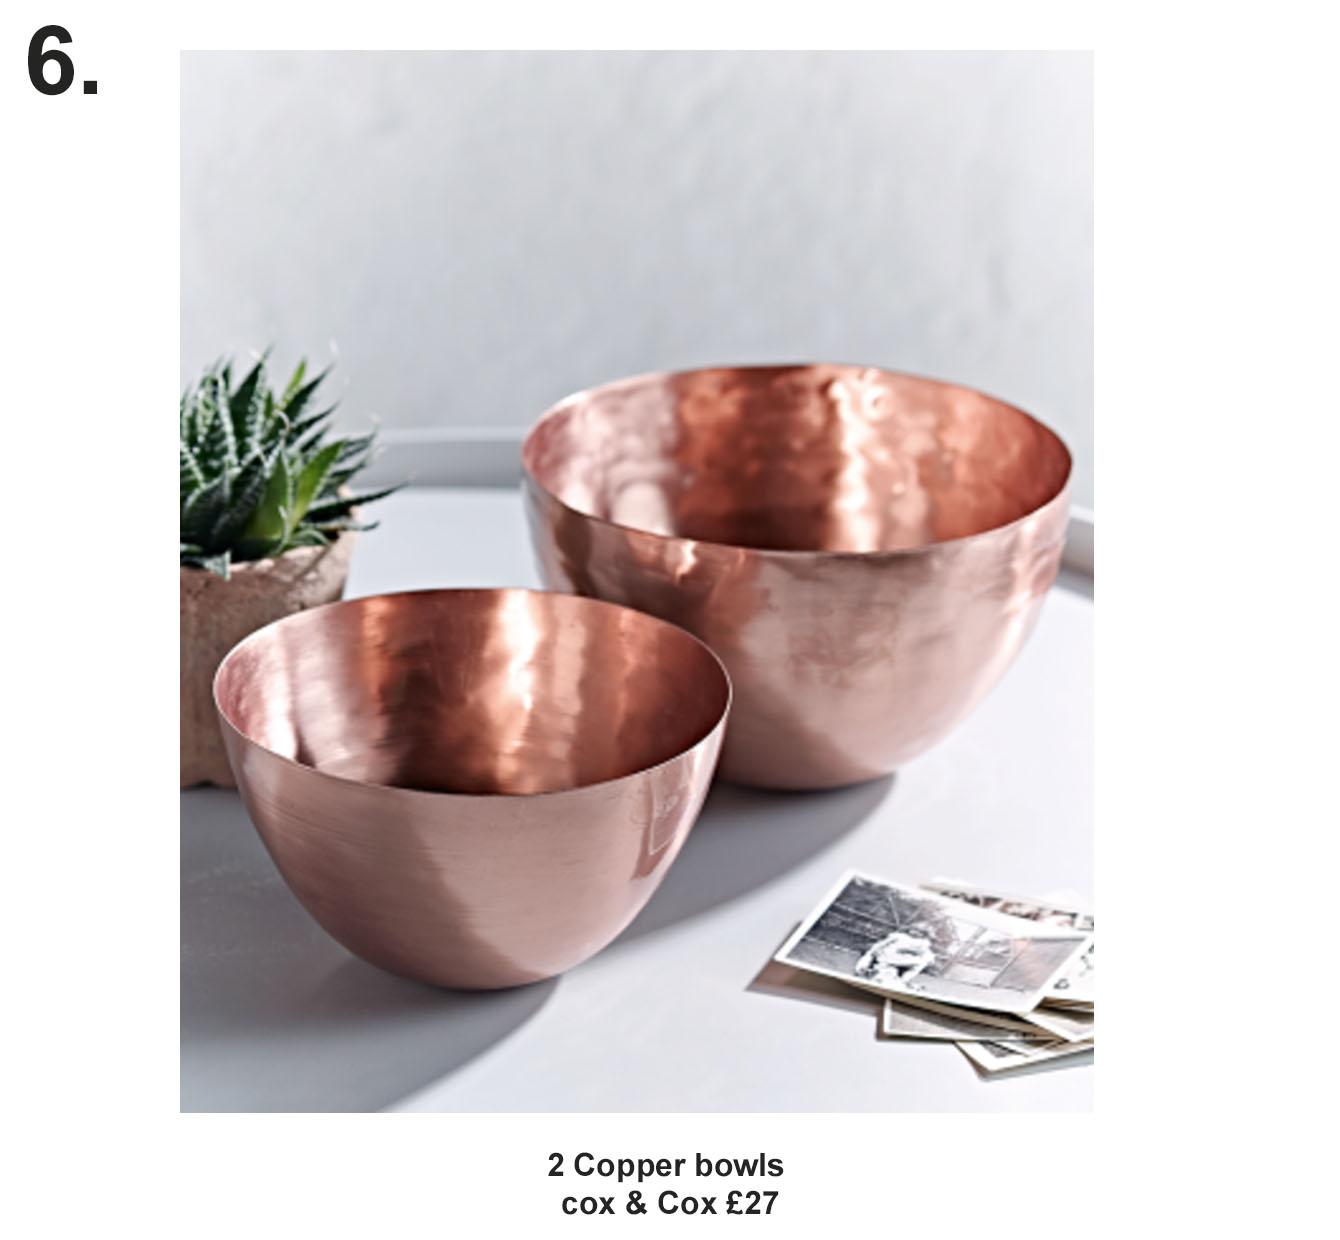 2 Copper bowls, cox & cox £27